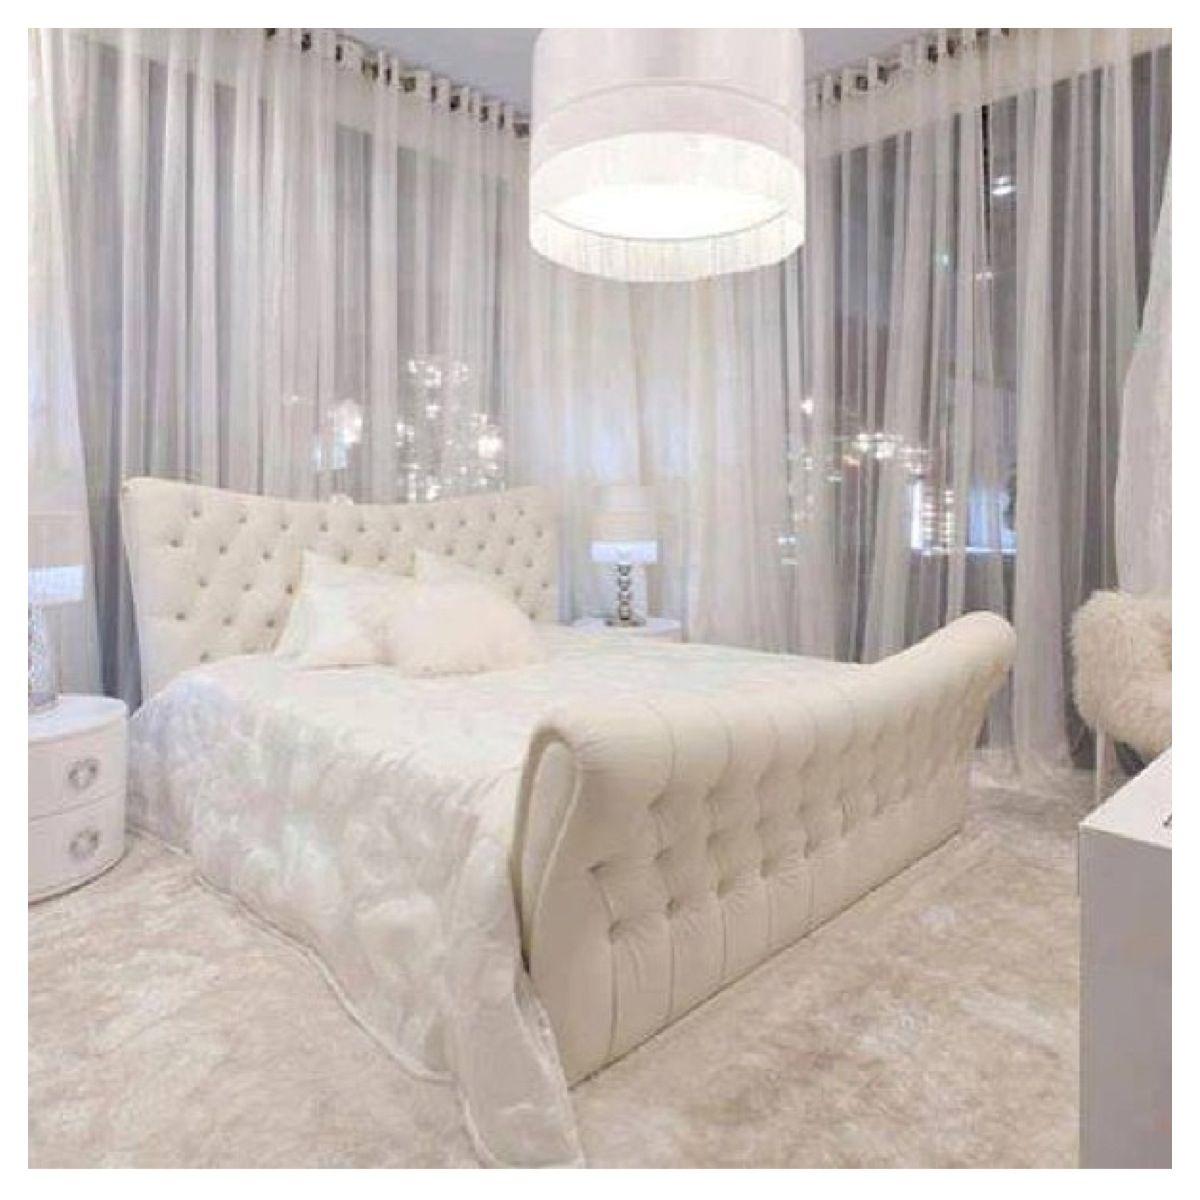 White bedroom ideas for women - All White Bedroom Very Yang